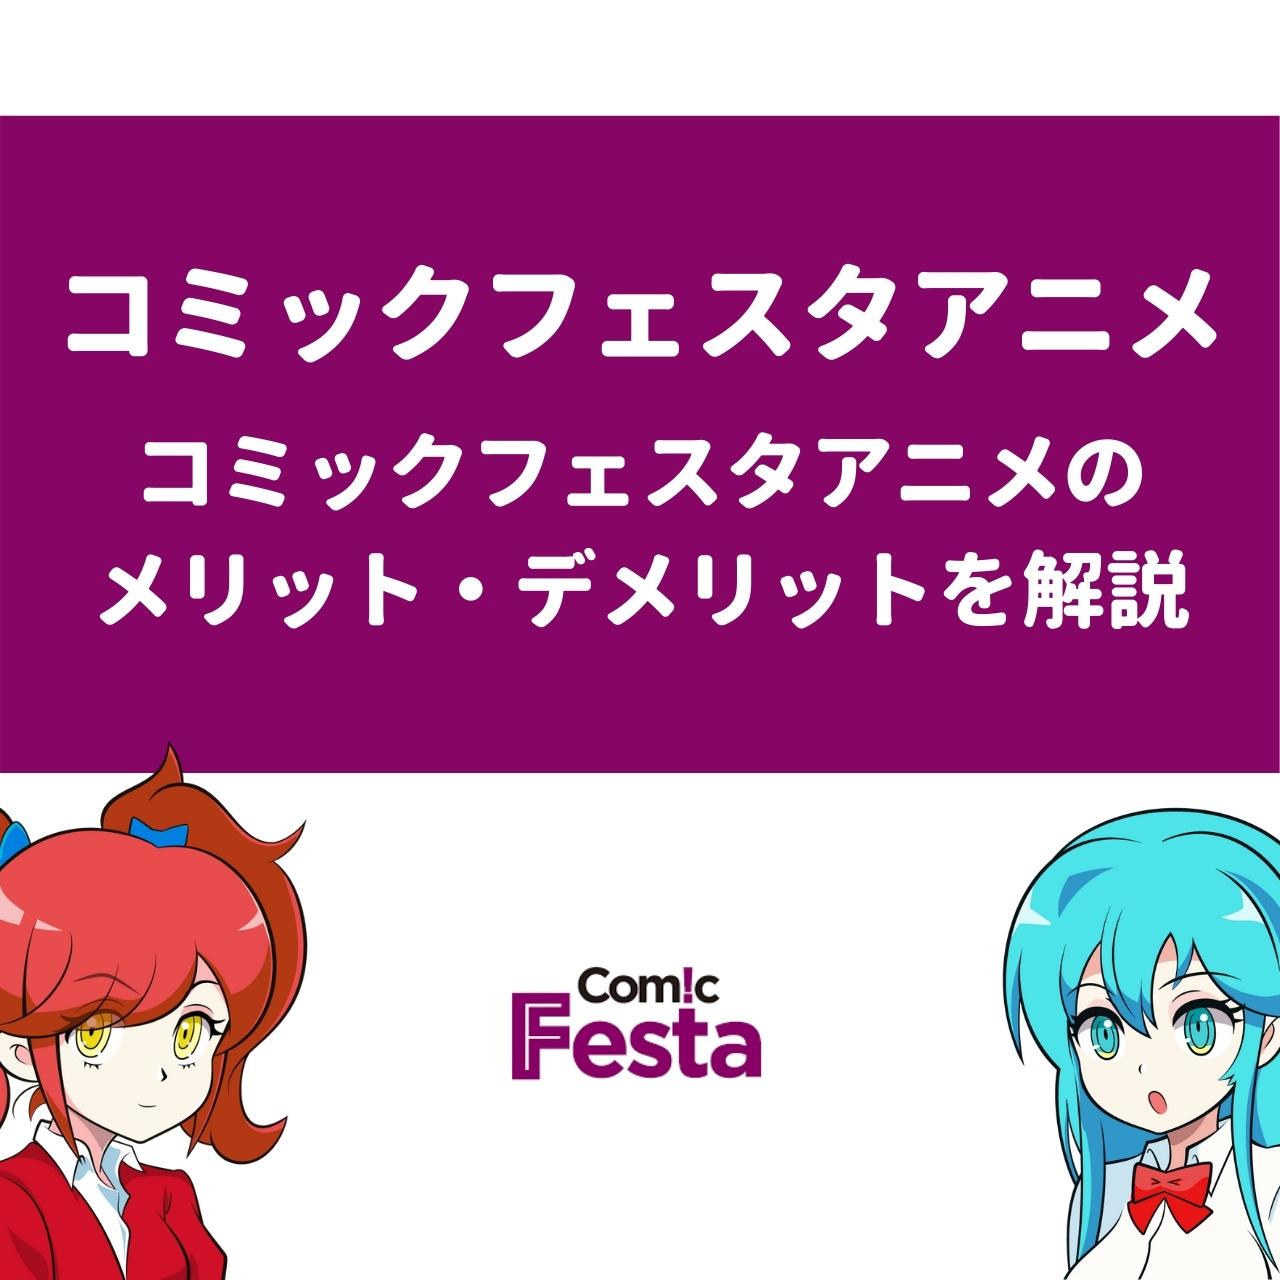 コミックフェスタアニメのメリット・デメリットを詳しく解説!